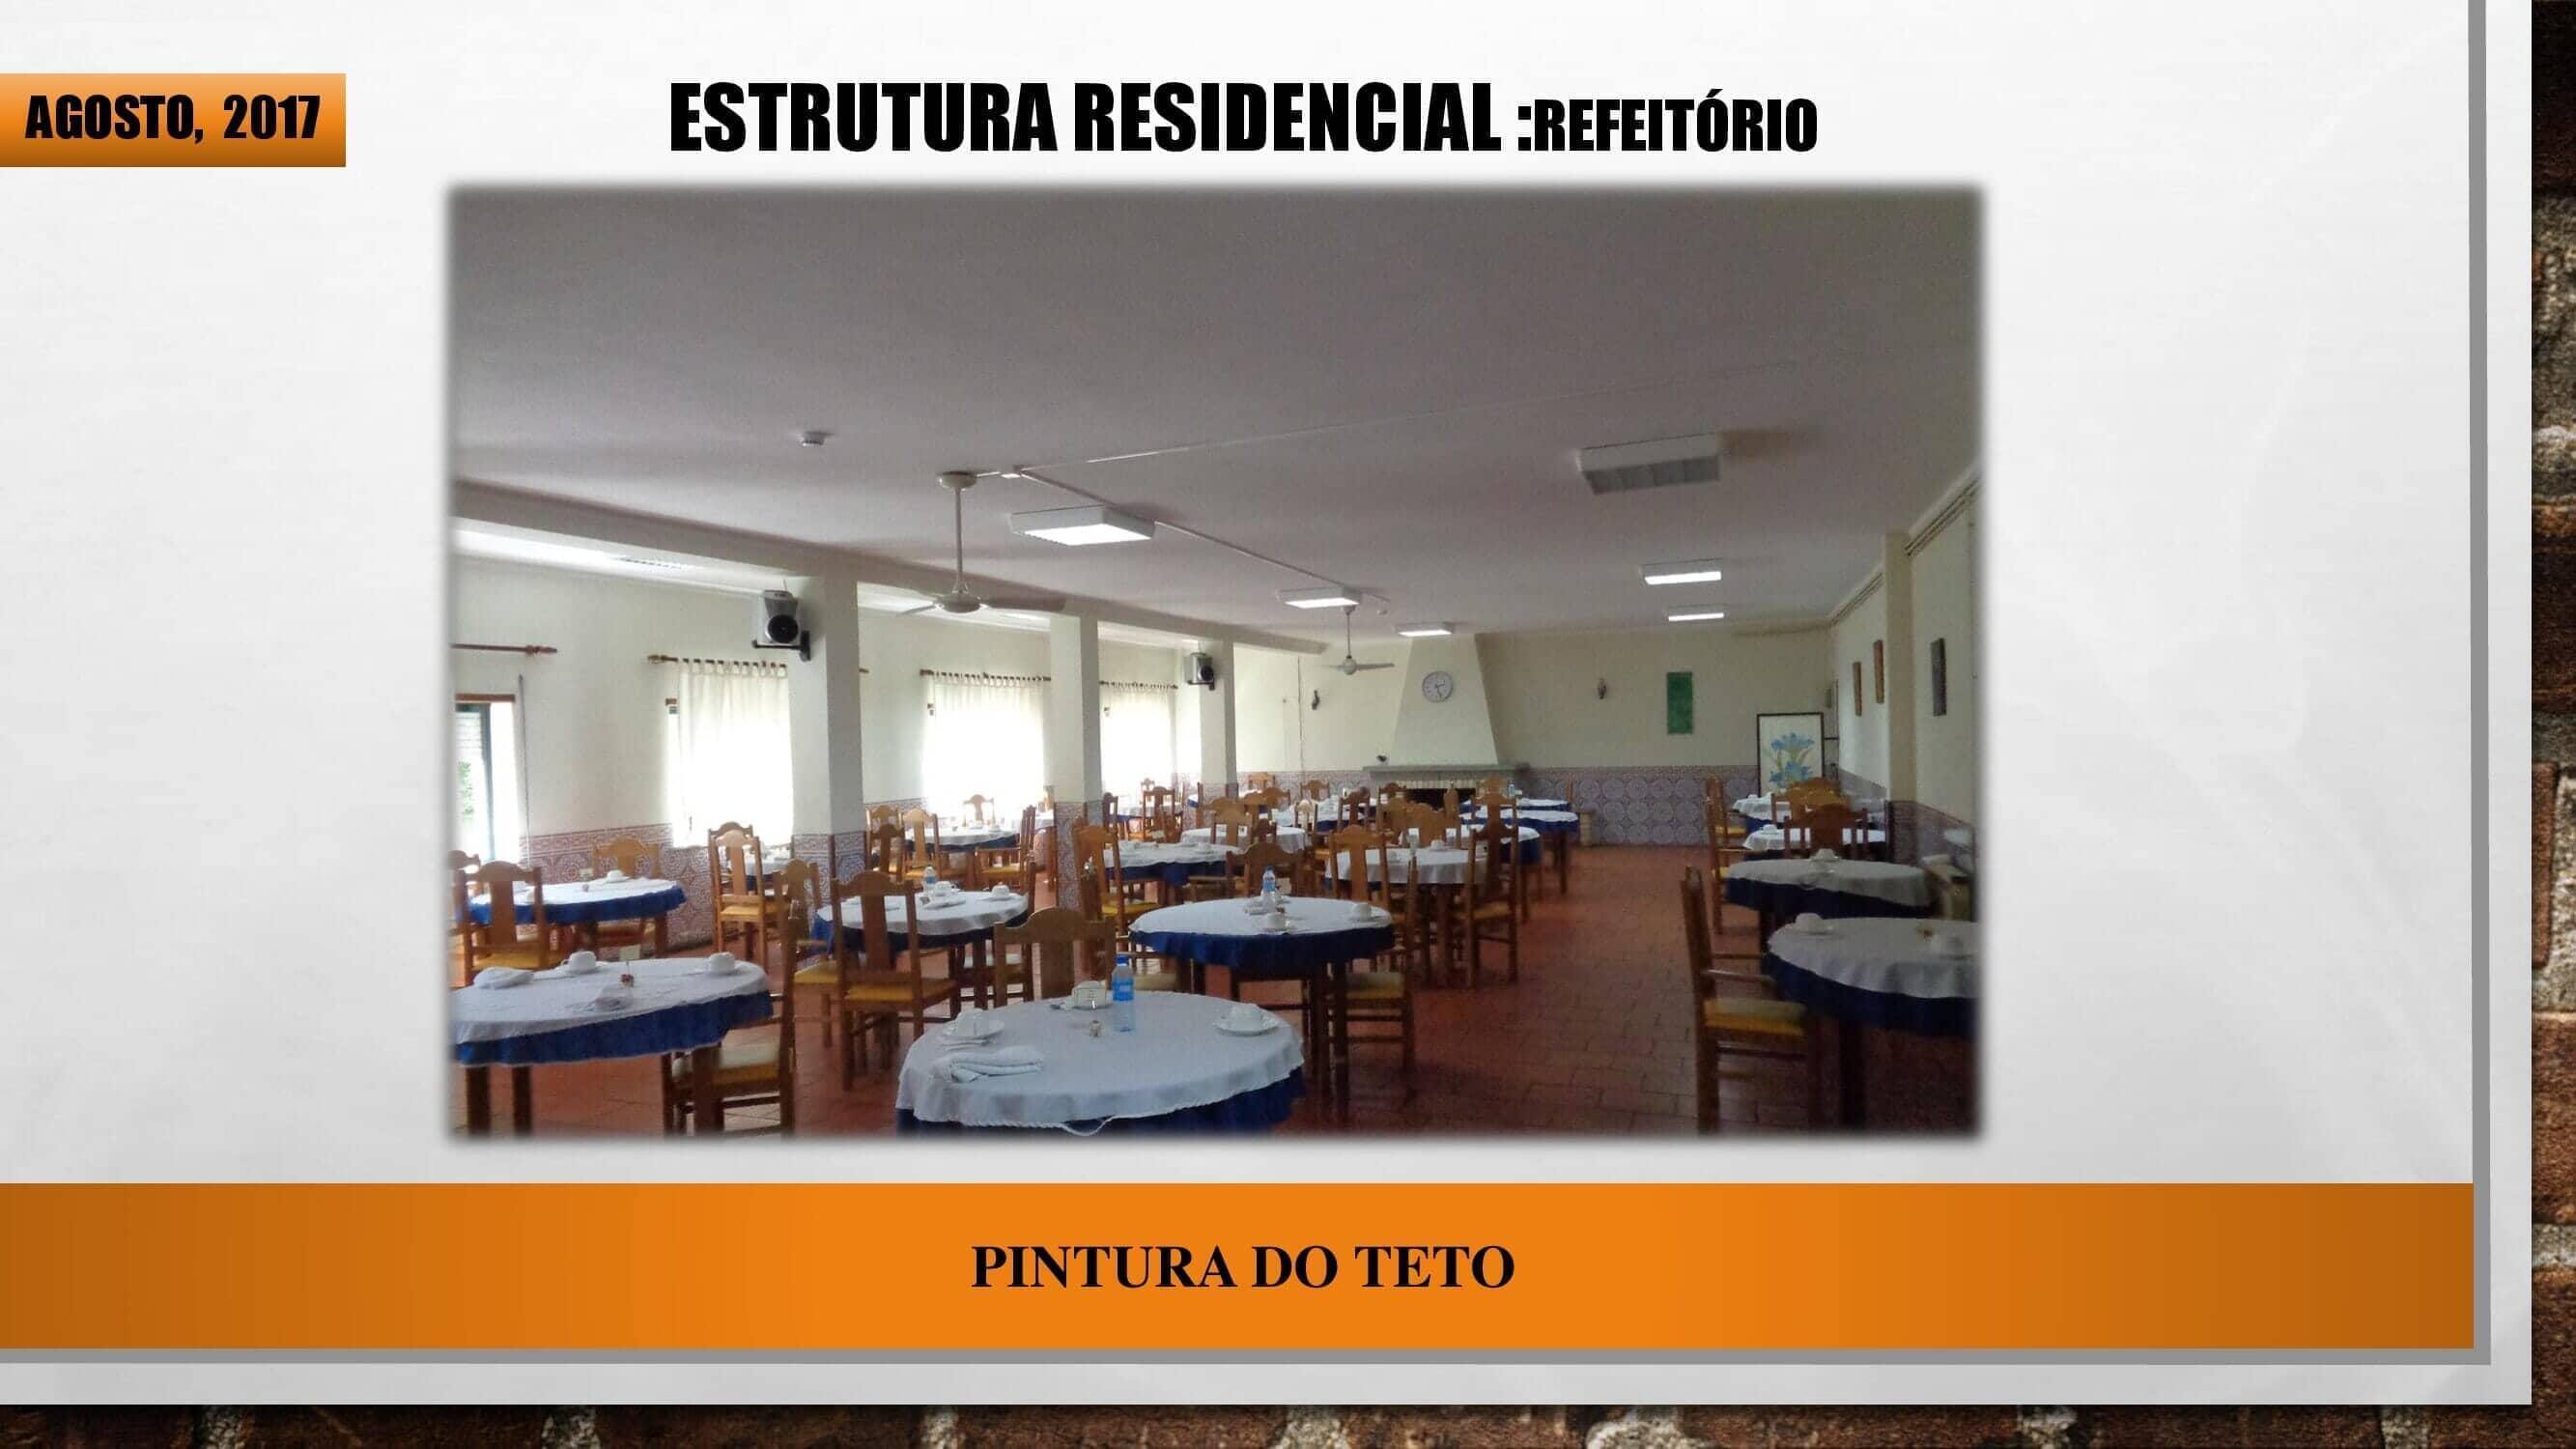 Fundação Mariana Seixas Viseu